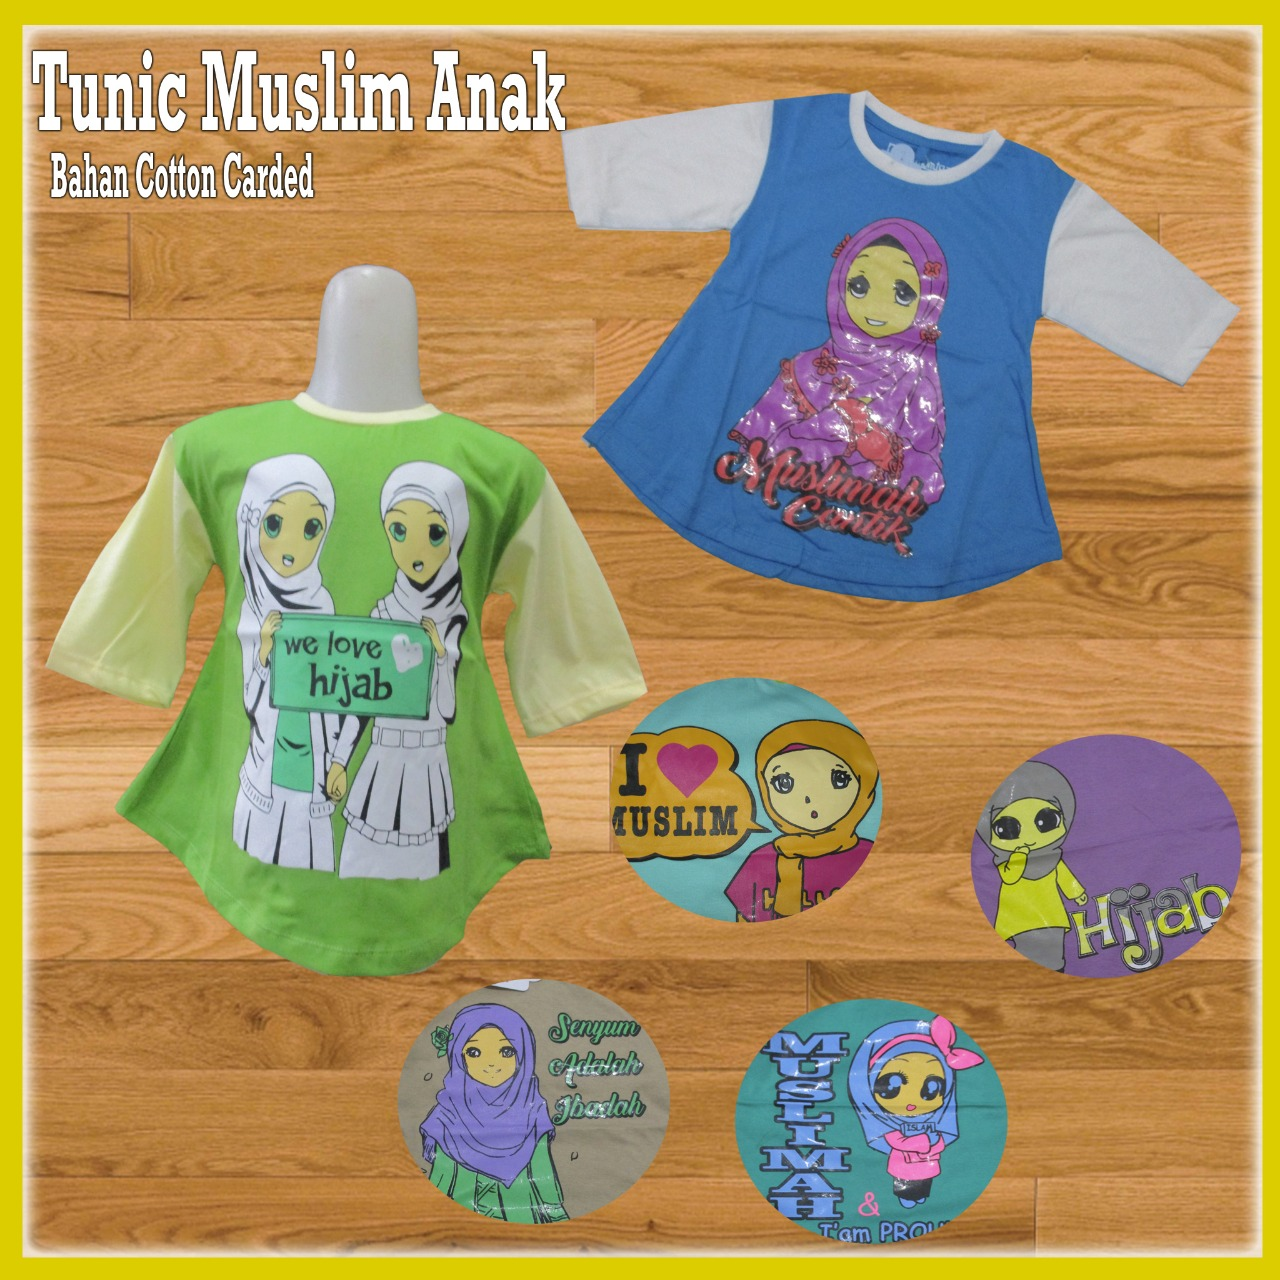 Pusat Grosir Baju Murah Solo Klewer 2019 Grosir Tunic Muslim Anak Murah 18ribuan